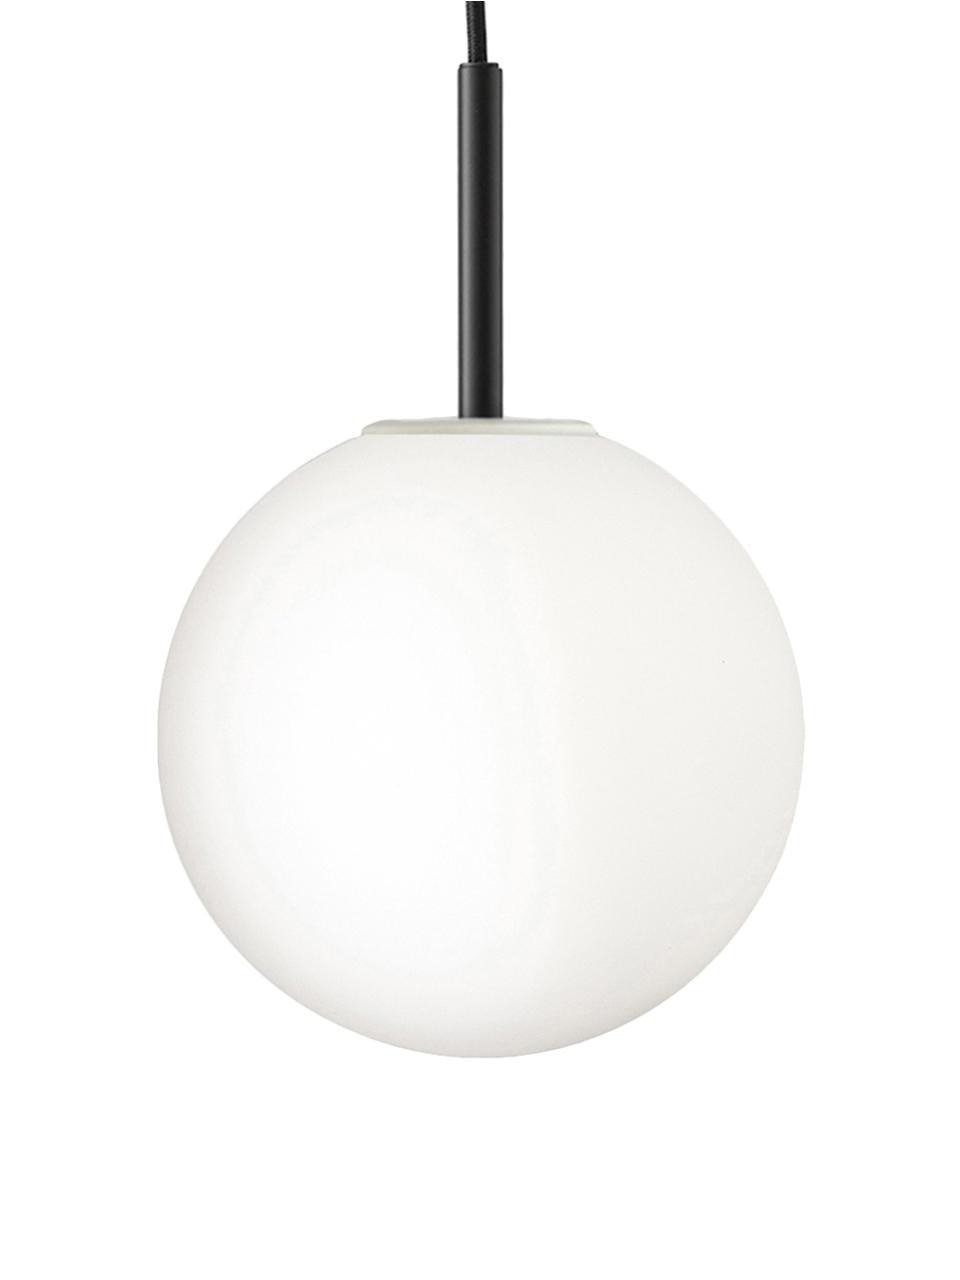 Malé závěsné LED svítidlo z opálového skla TR Bulb, Bílá, černá